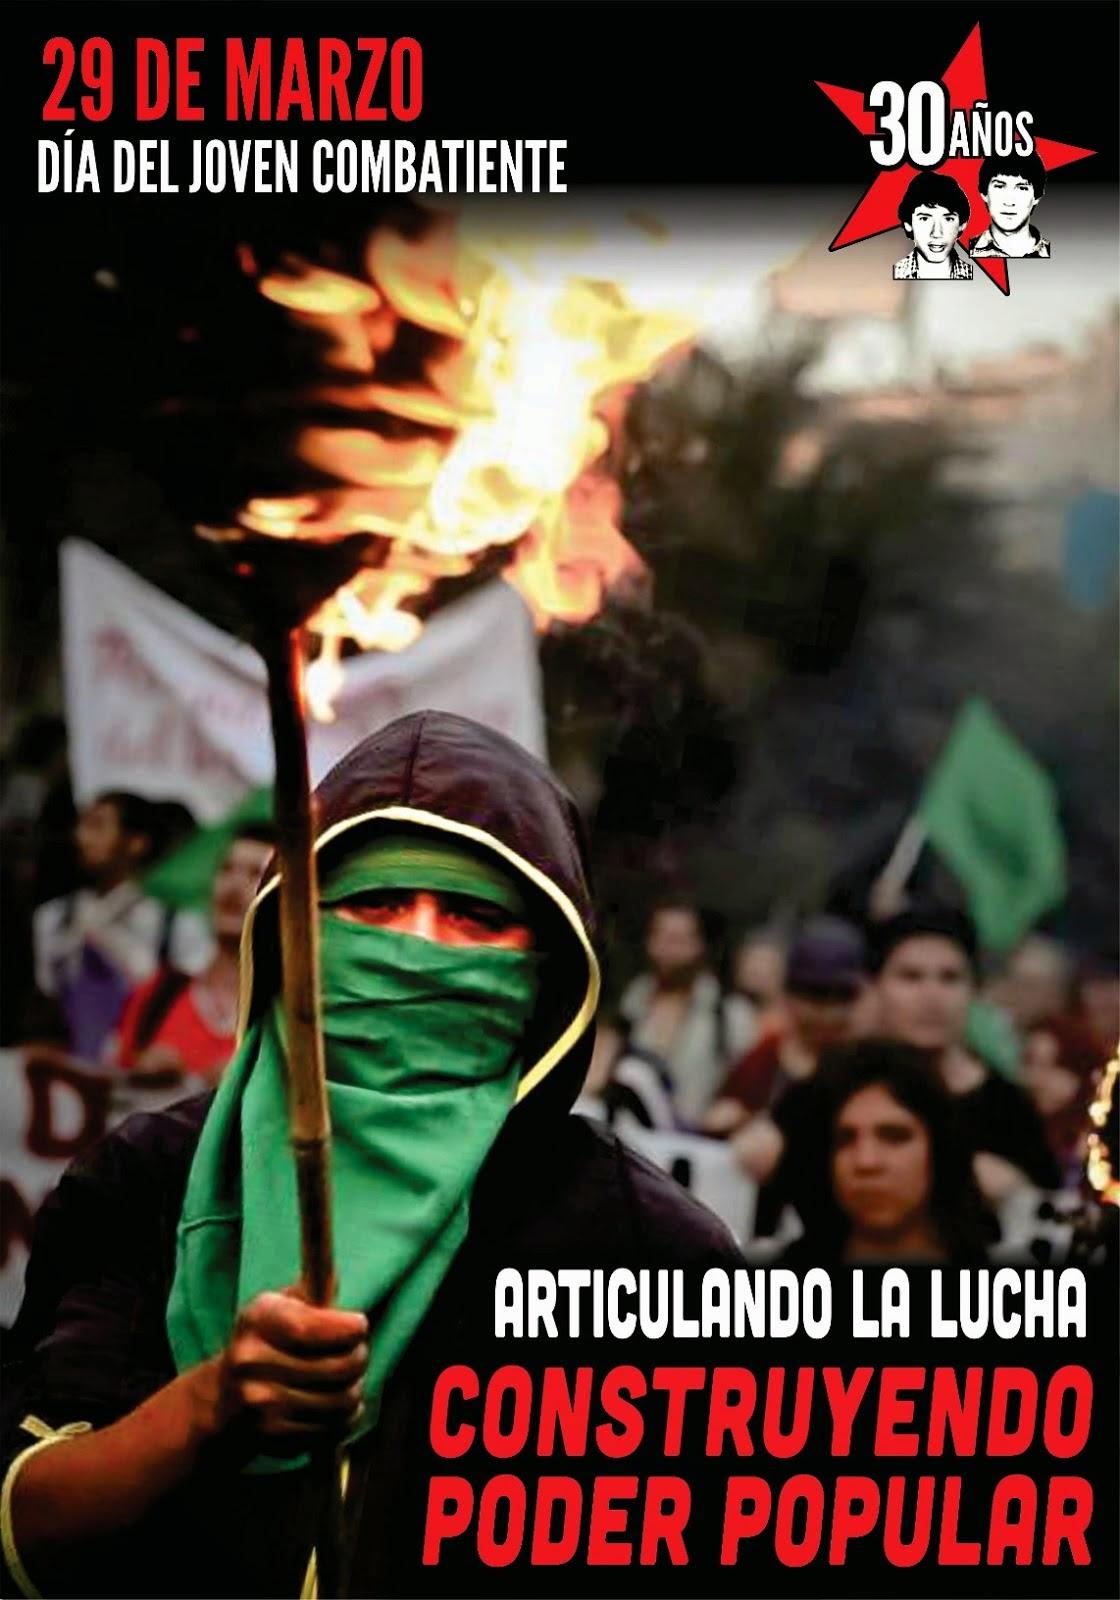 EDUARDO Y RAFAEL CAMINAN DIGNOS Y REBELDES ENTRE EL PUEBLO QUE LUCHA!!